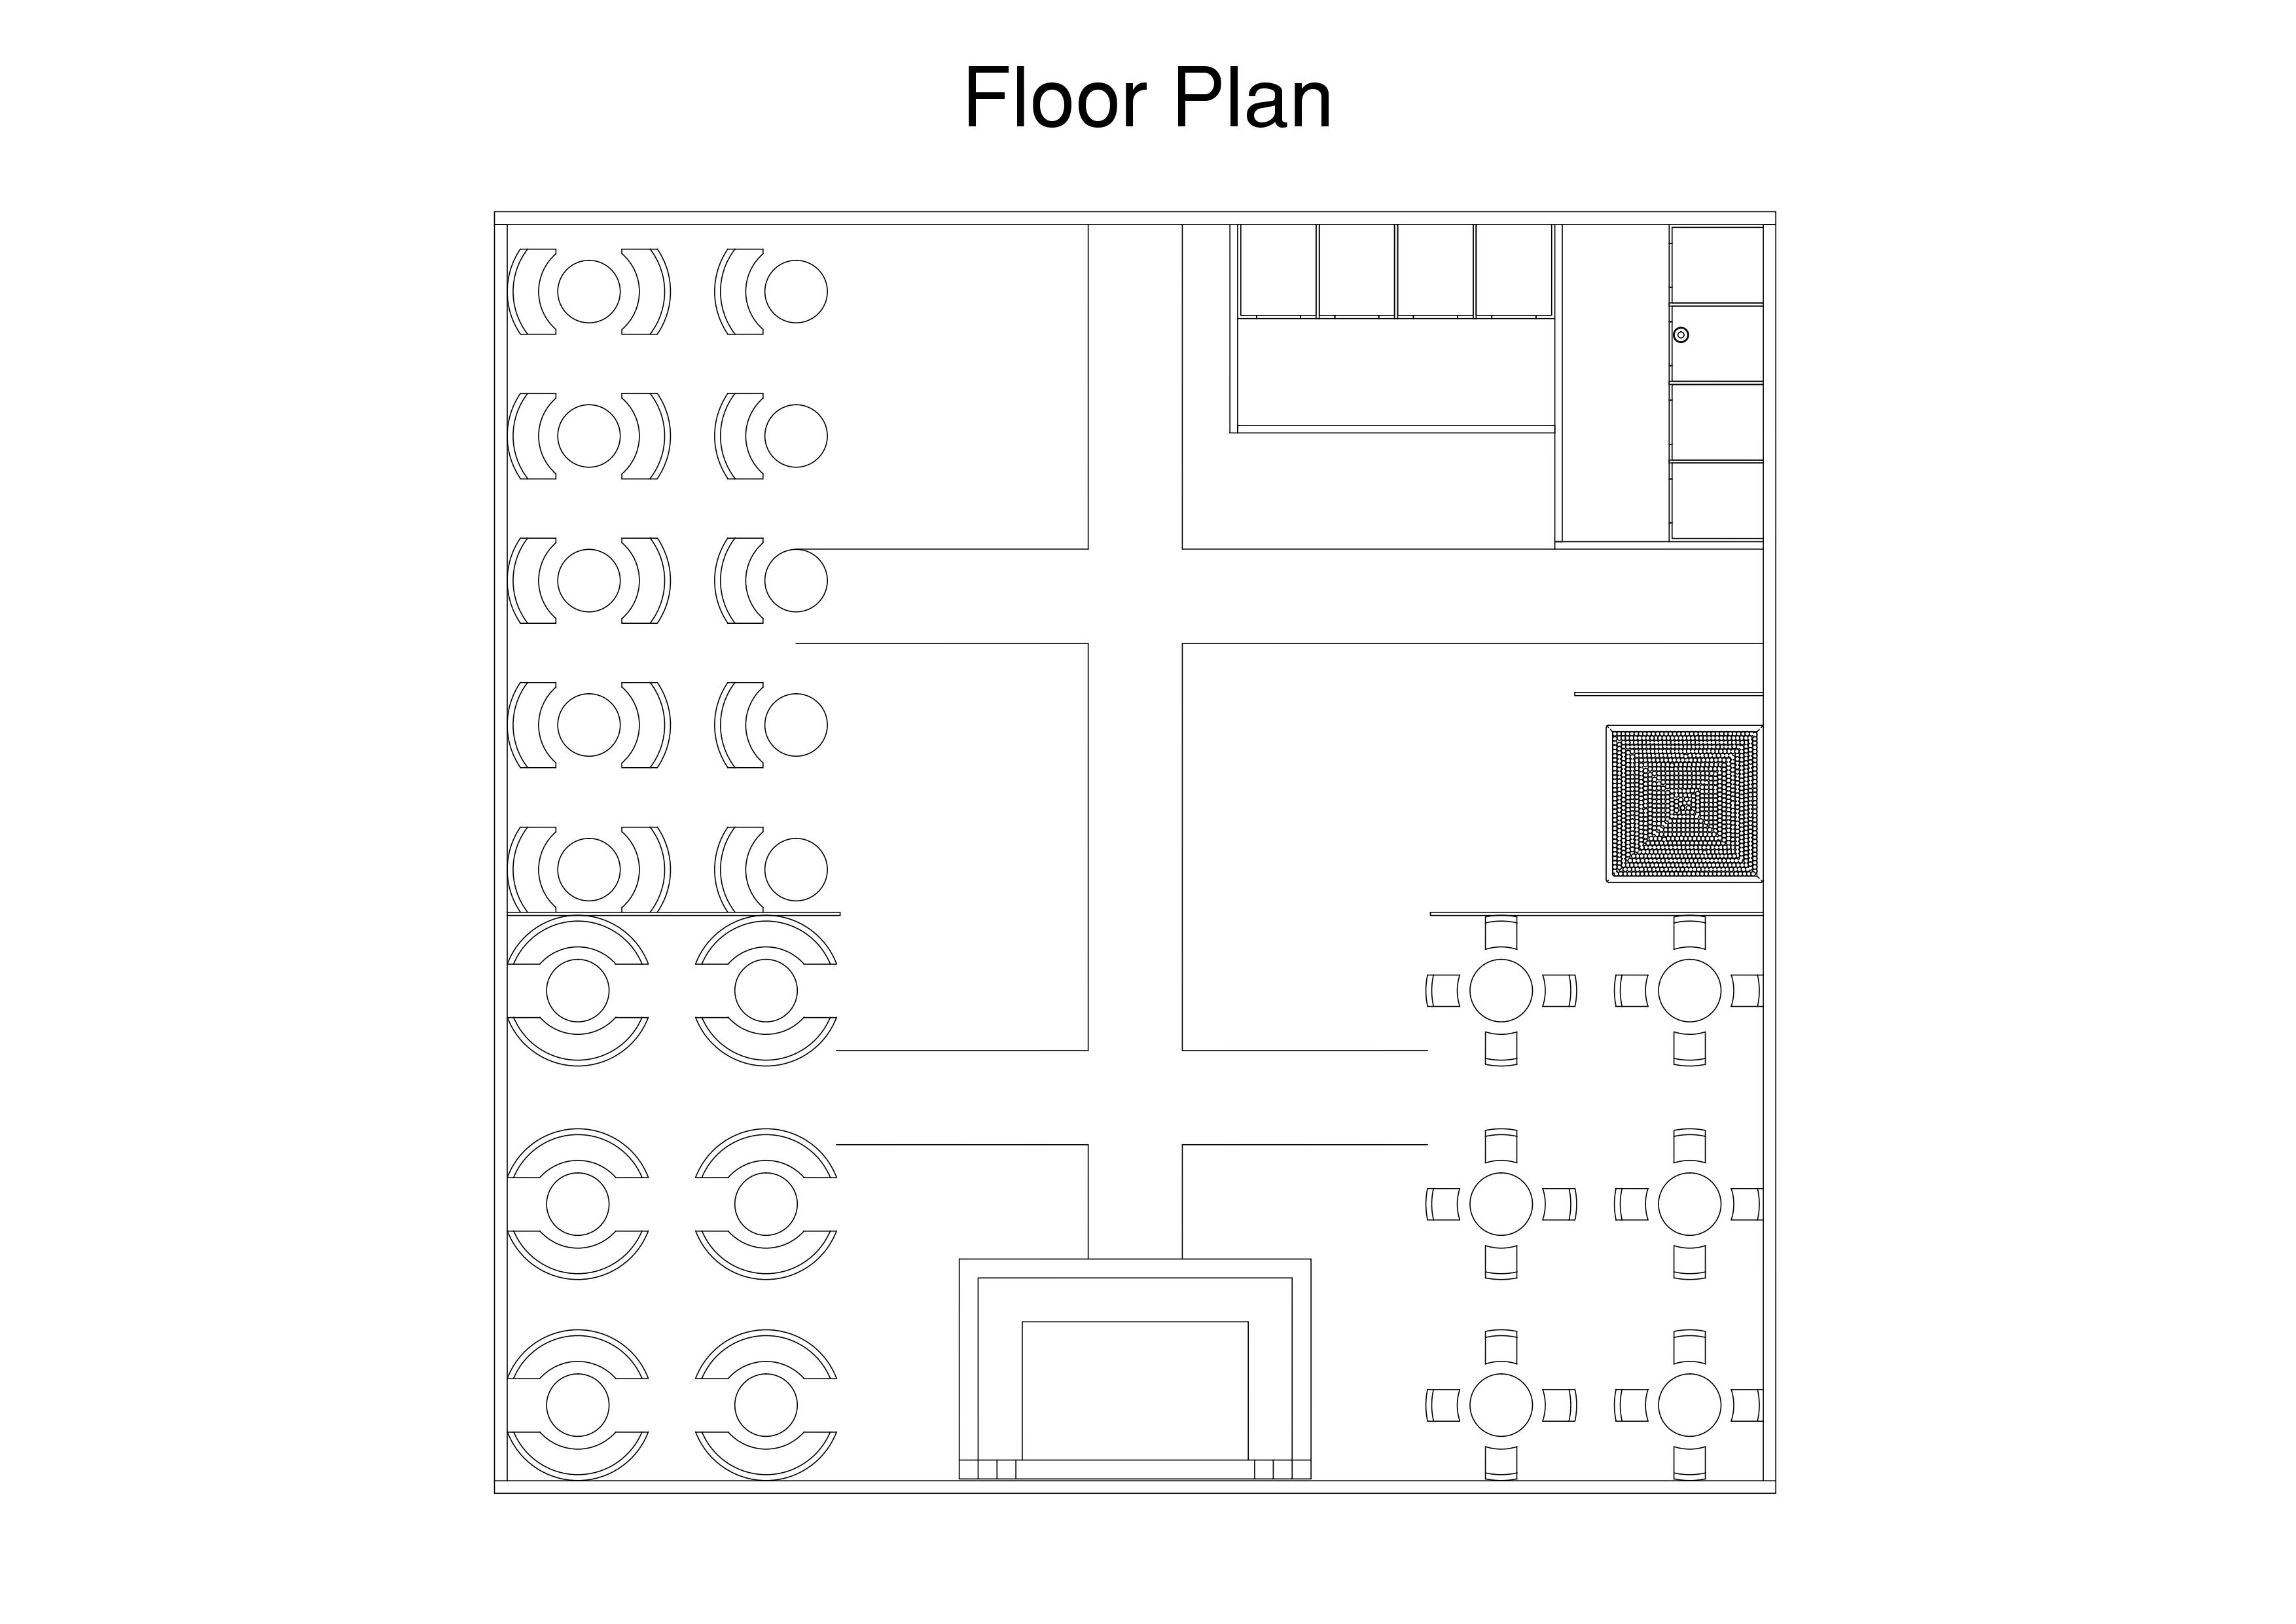 Purposed Floor Plan